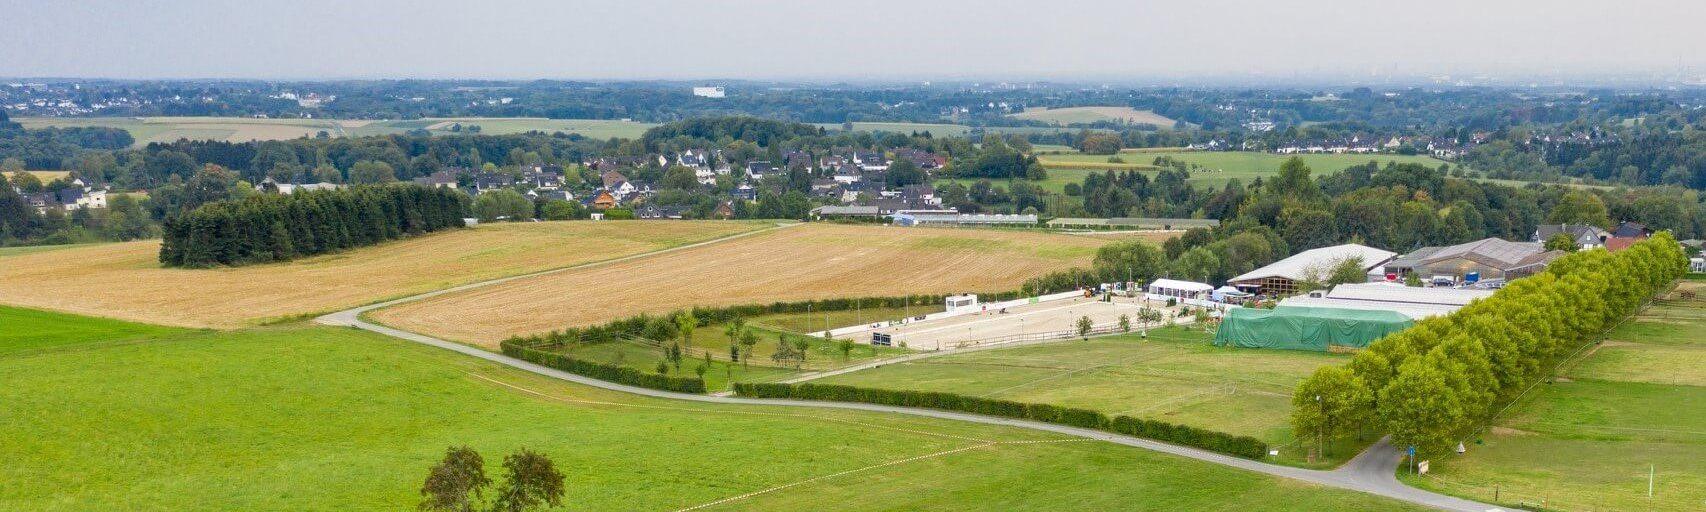 Reitsportteam Leichlingen-Witzhelden